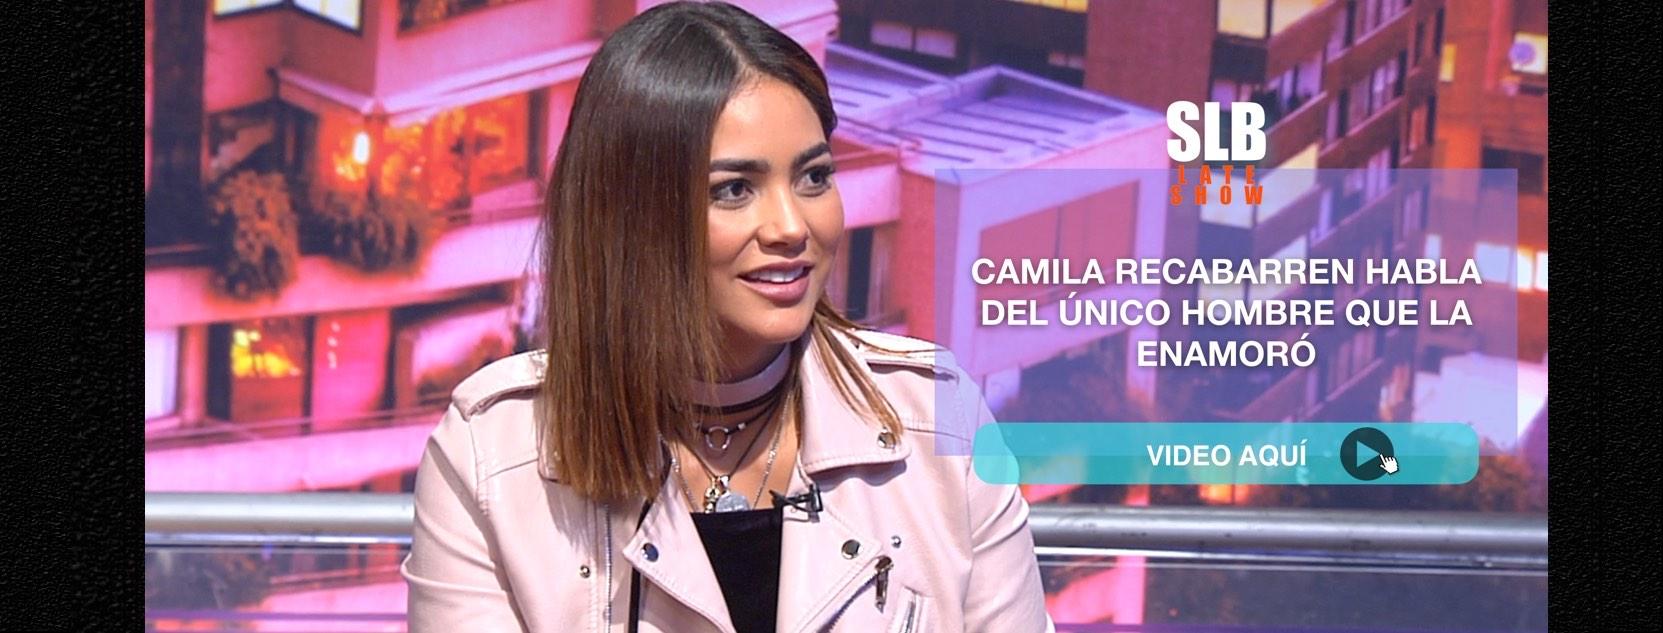 camila-recabarren-1